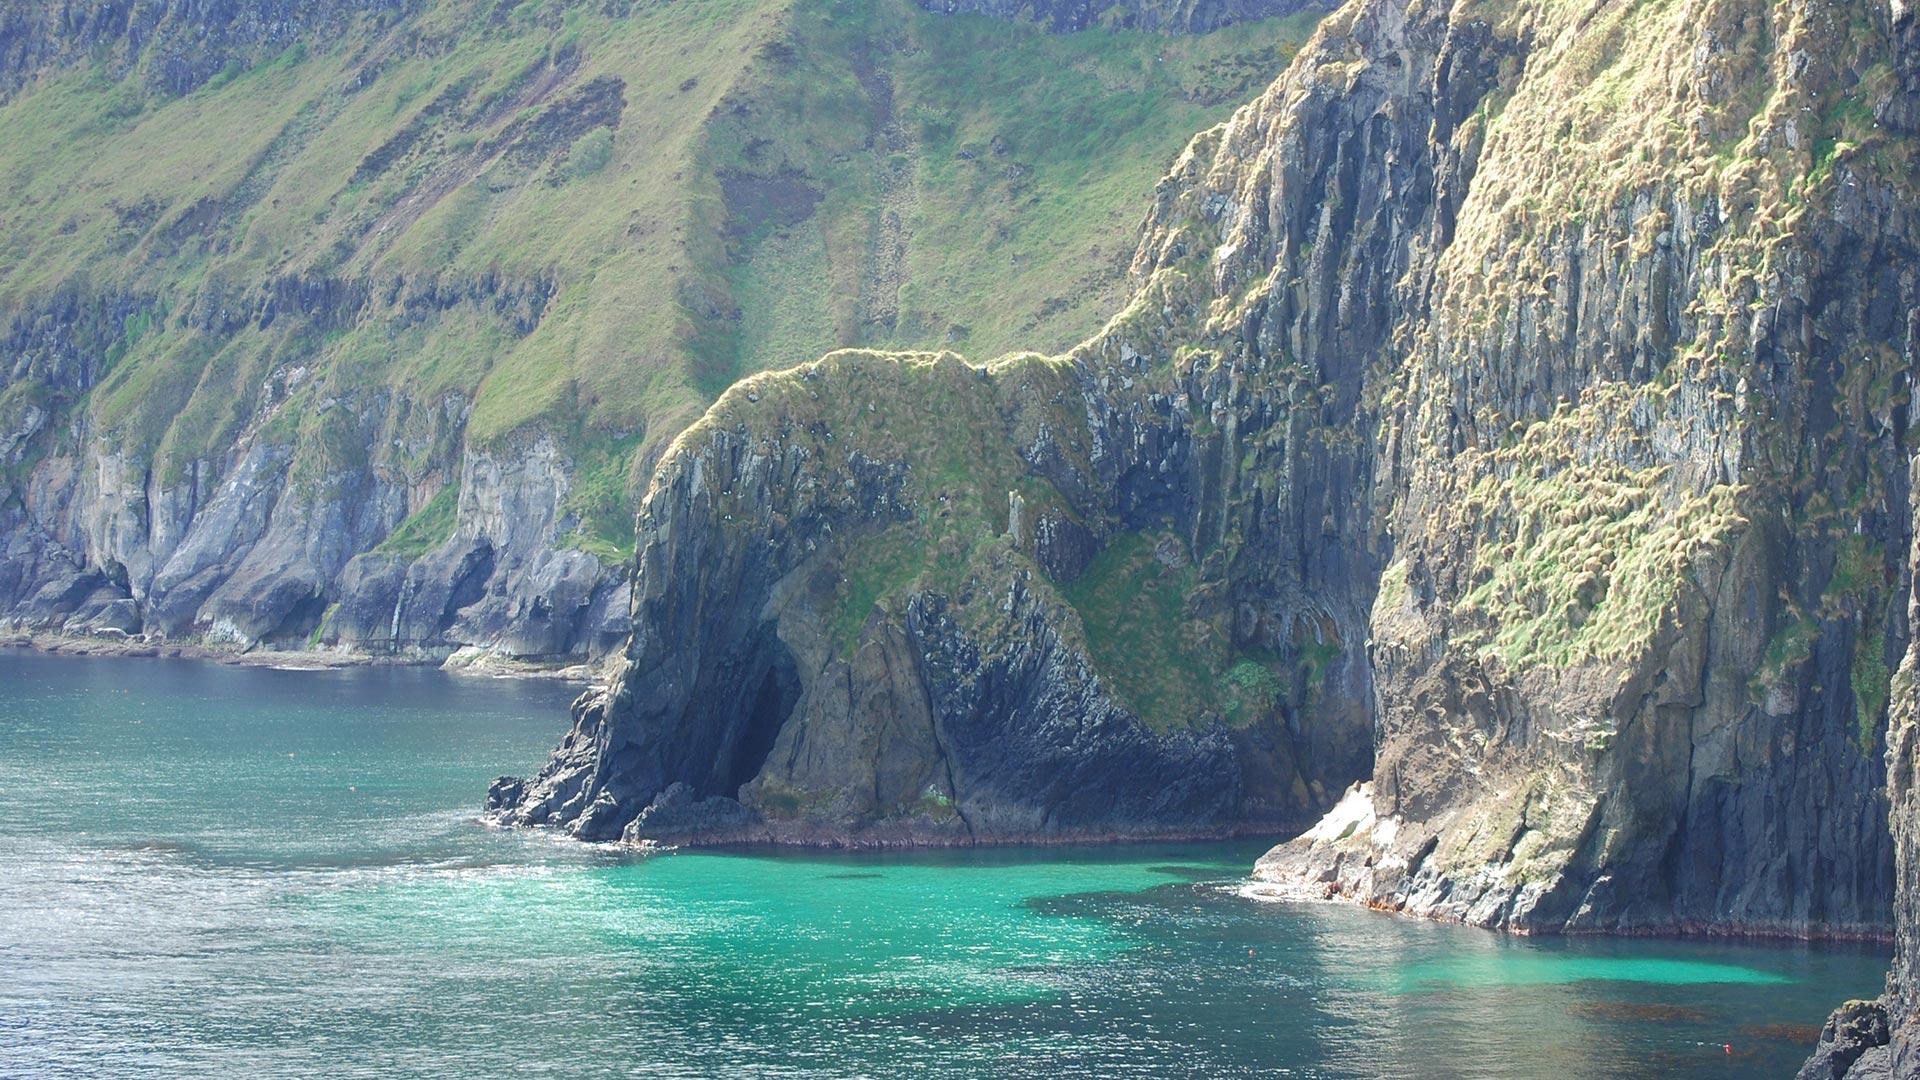 Coast of County Antrim